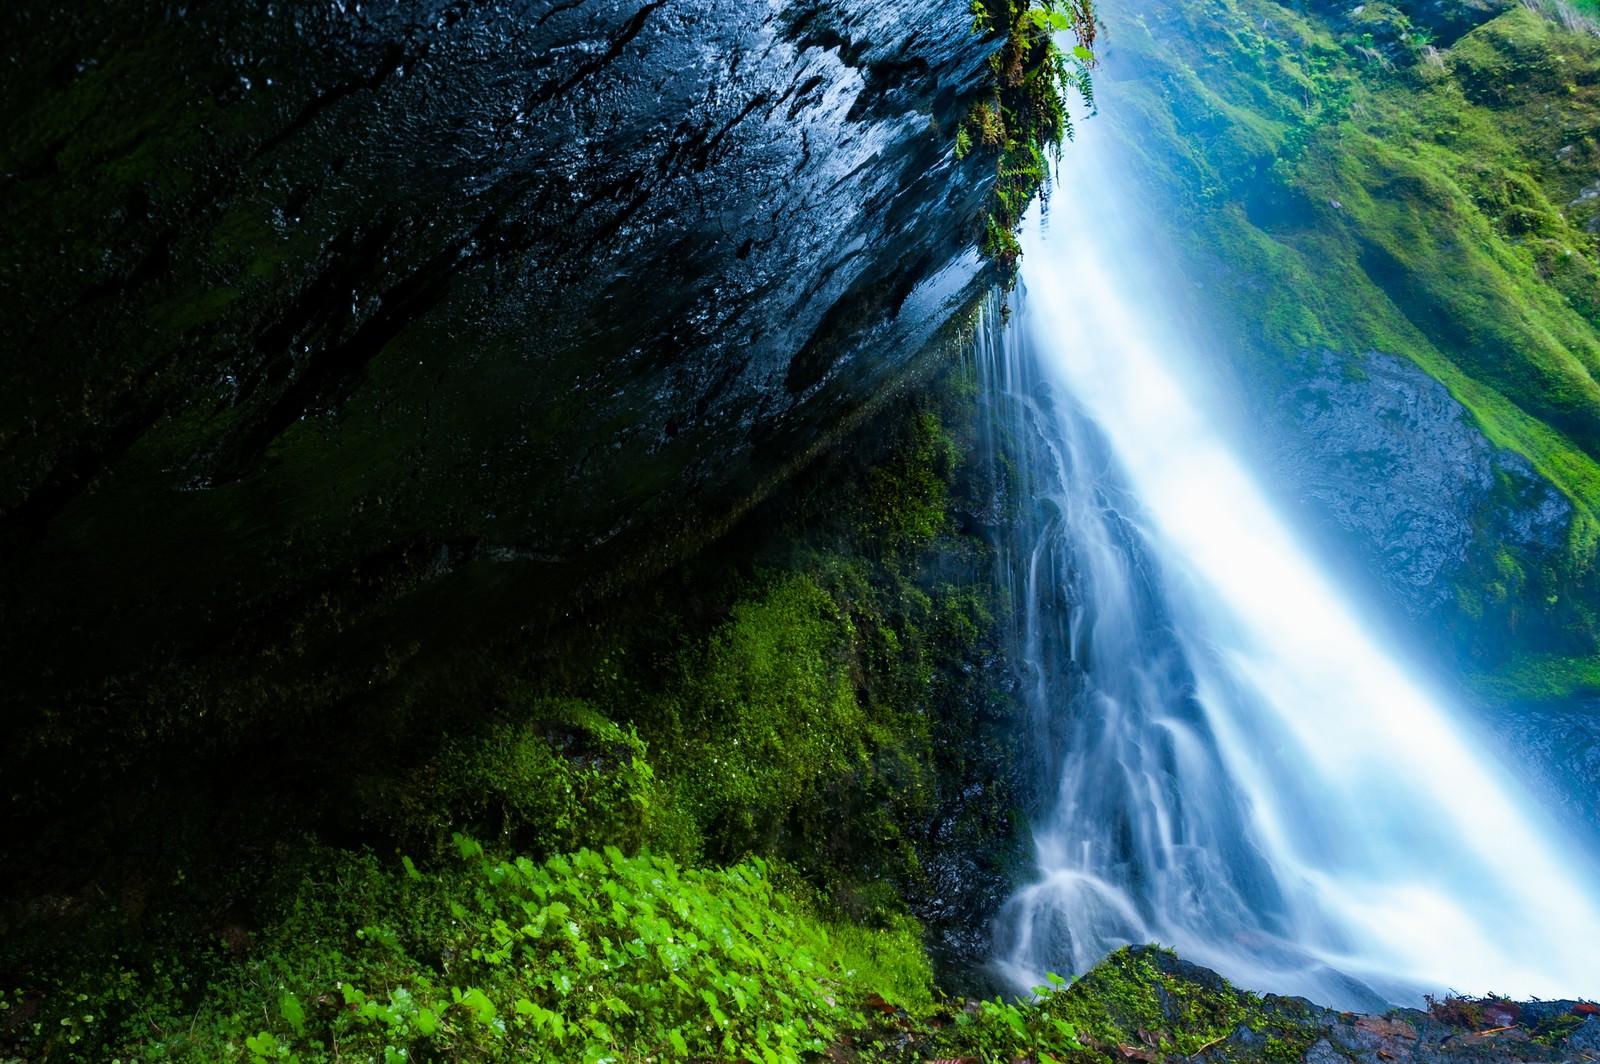 「奥多摩の三ツ釜の滝」の写真